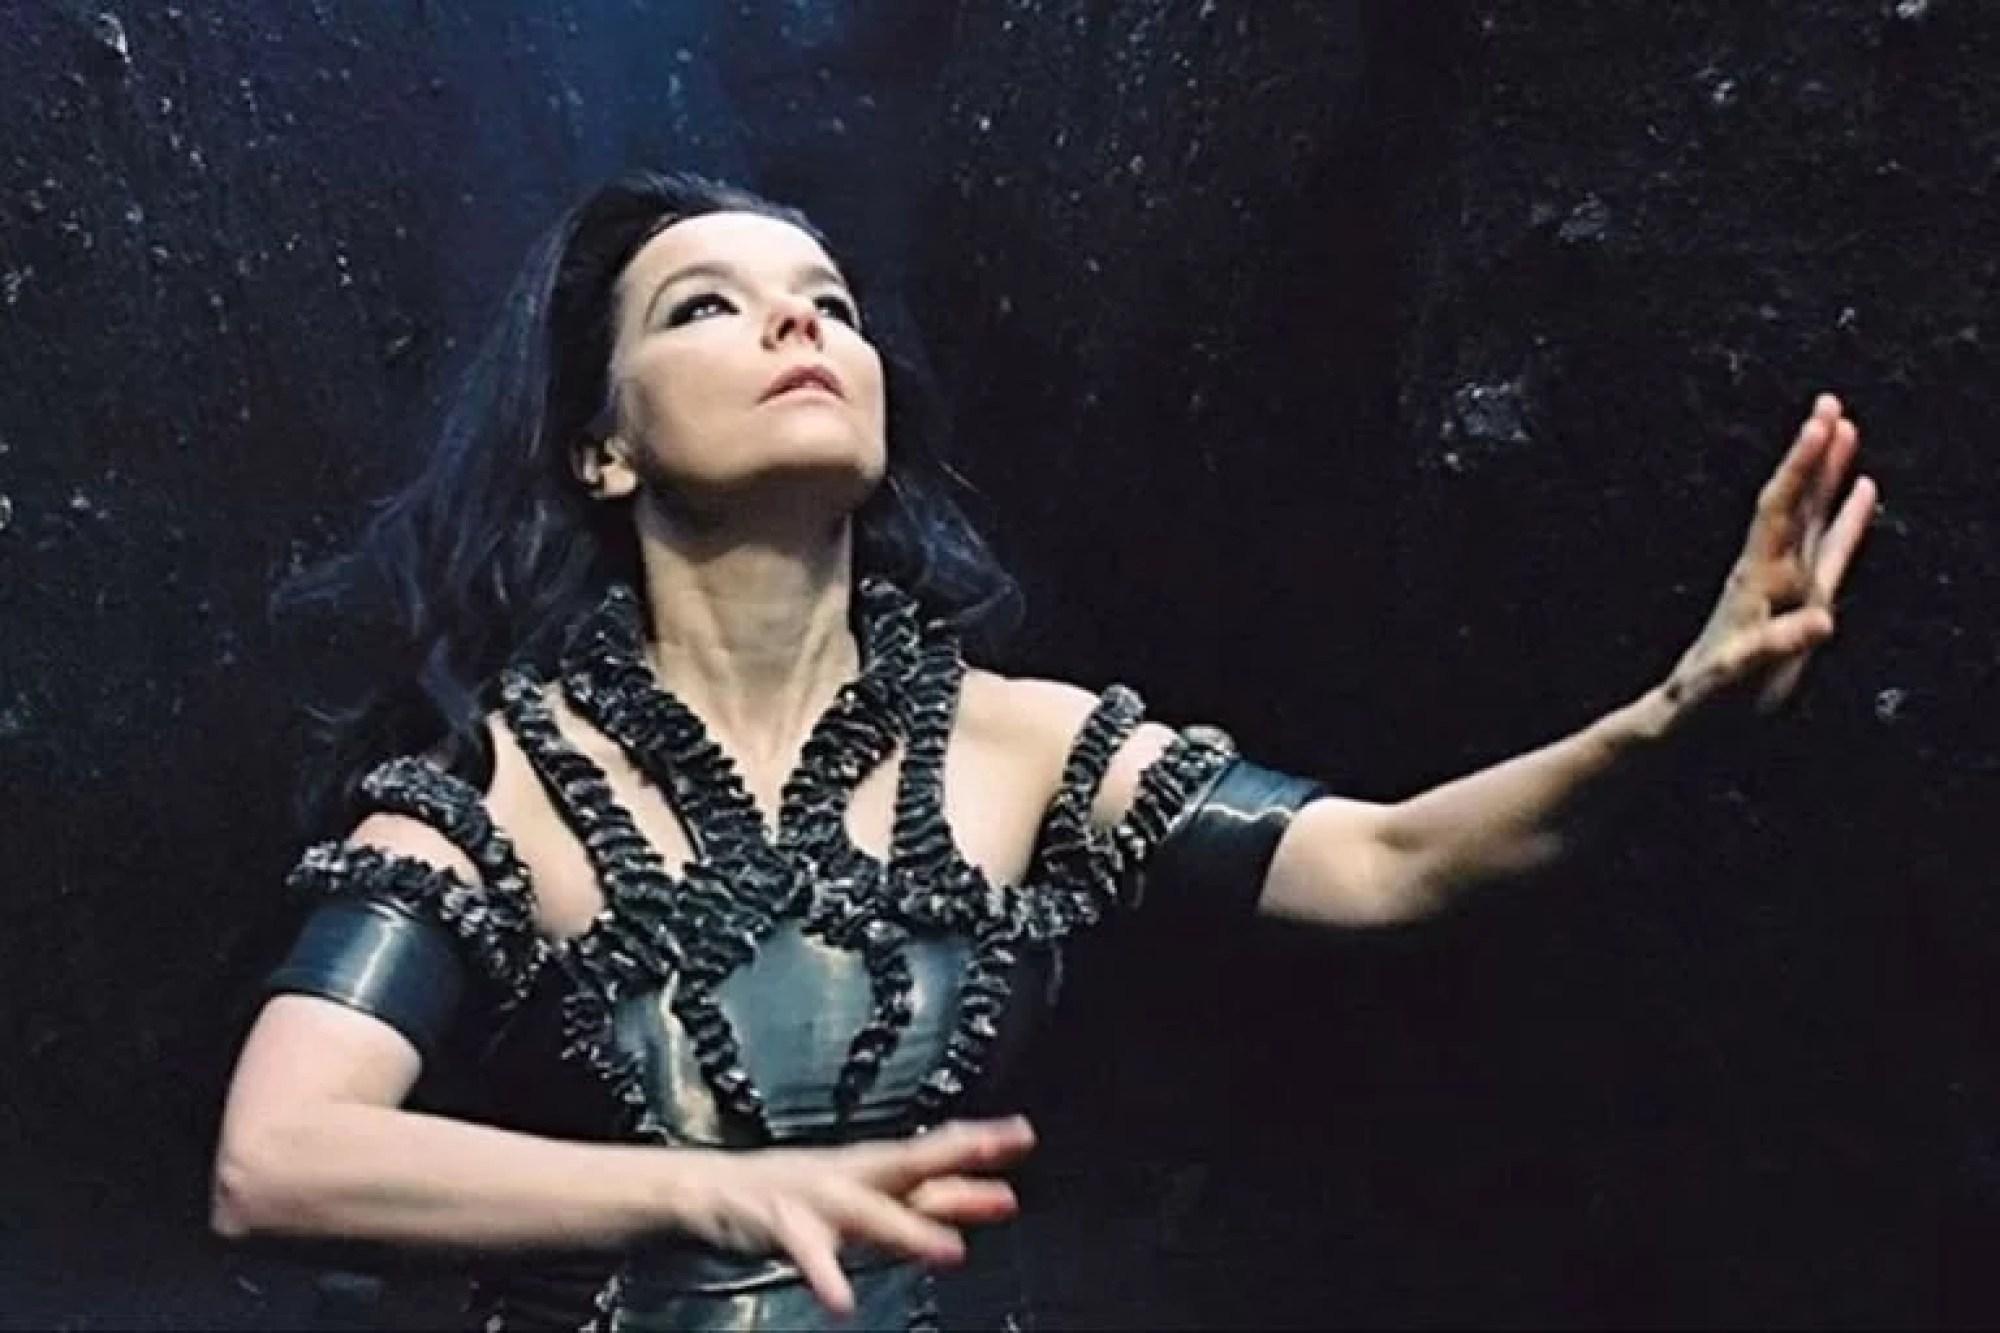 """Björk contó que el director Lars Von Trier, durante la filmación de Bailarina en la oscuridad, """"intentó entrar en mi habitación por el balcón en medio de la noche con intenciones claramente sexuales, mientras su mujer estaba en la habitación de al lado"""""""